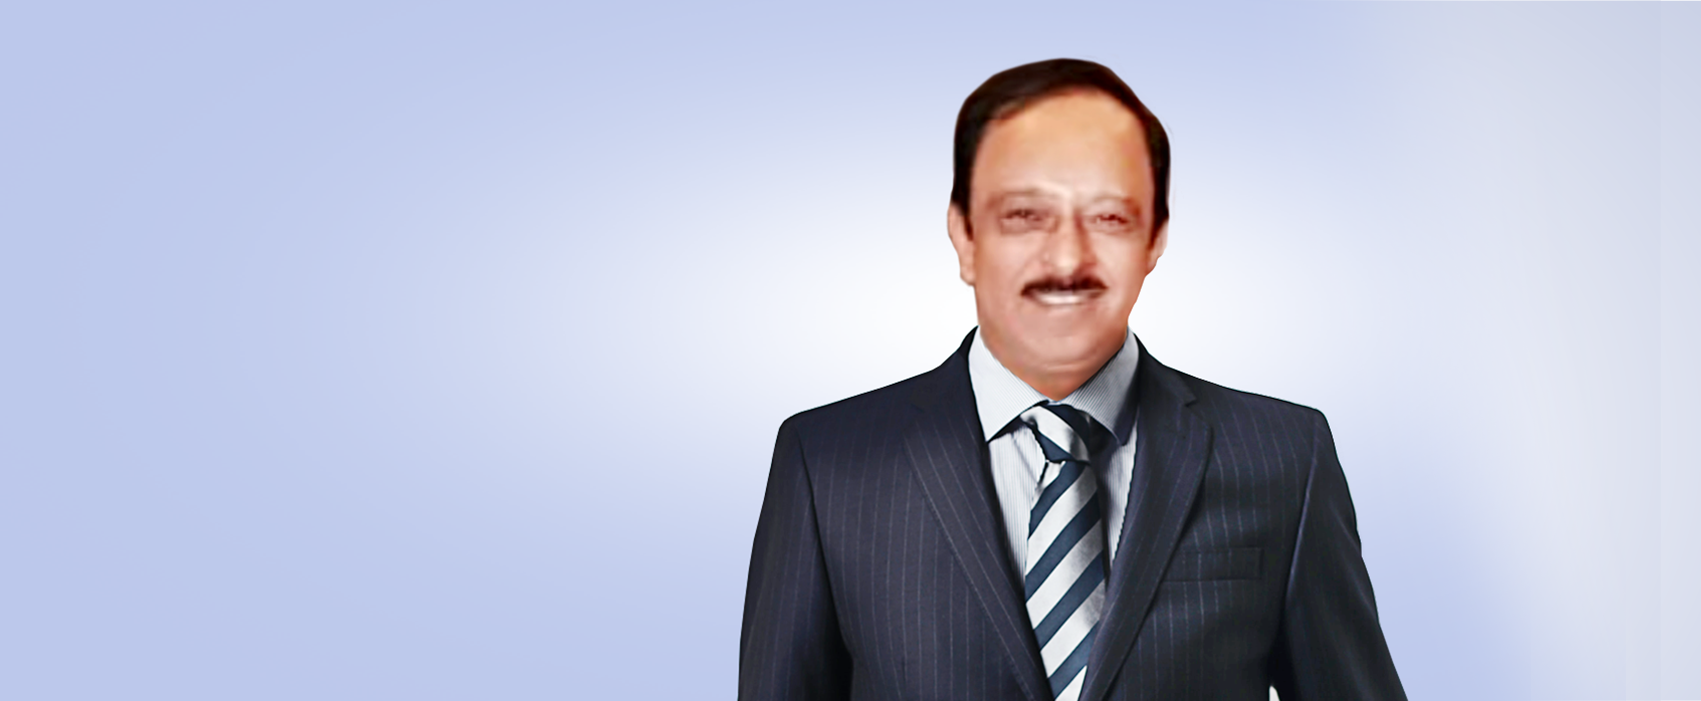 Mr. Naresh Saneja